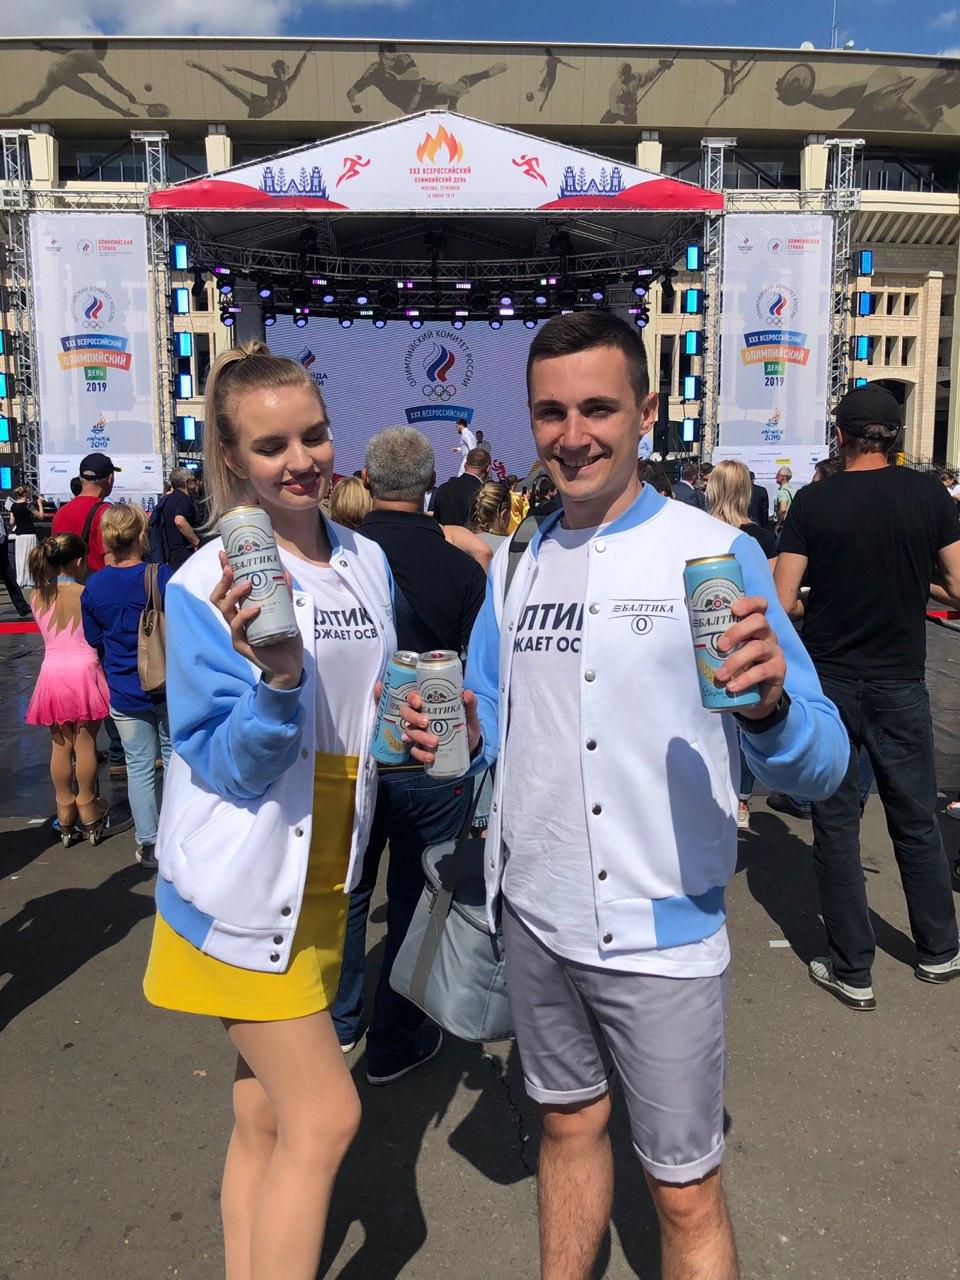 Балтика традиционной поддерживает спортивные мероприятия